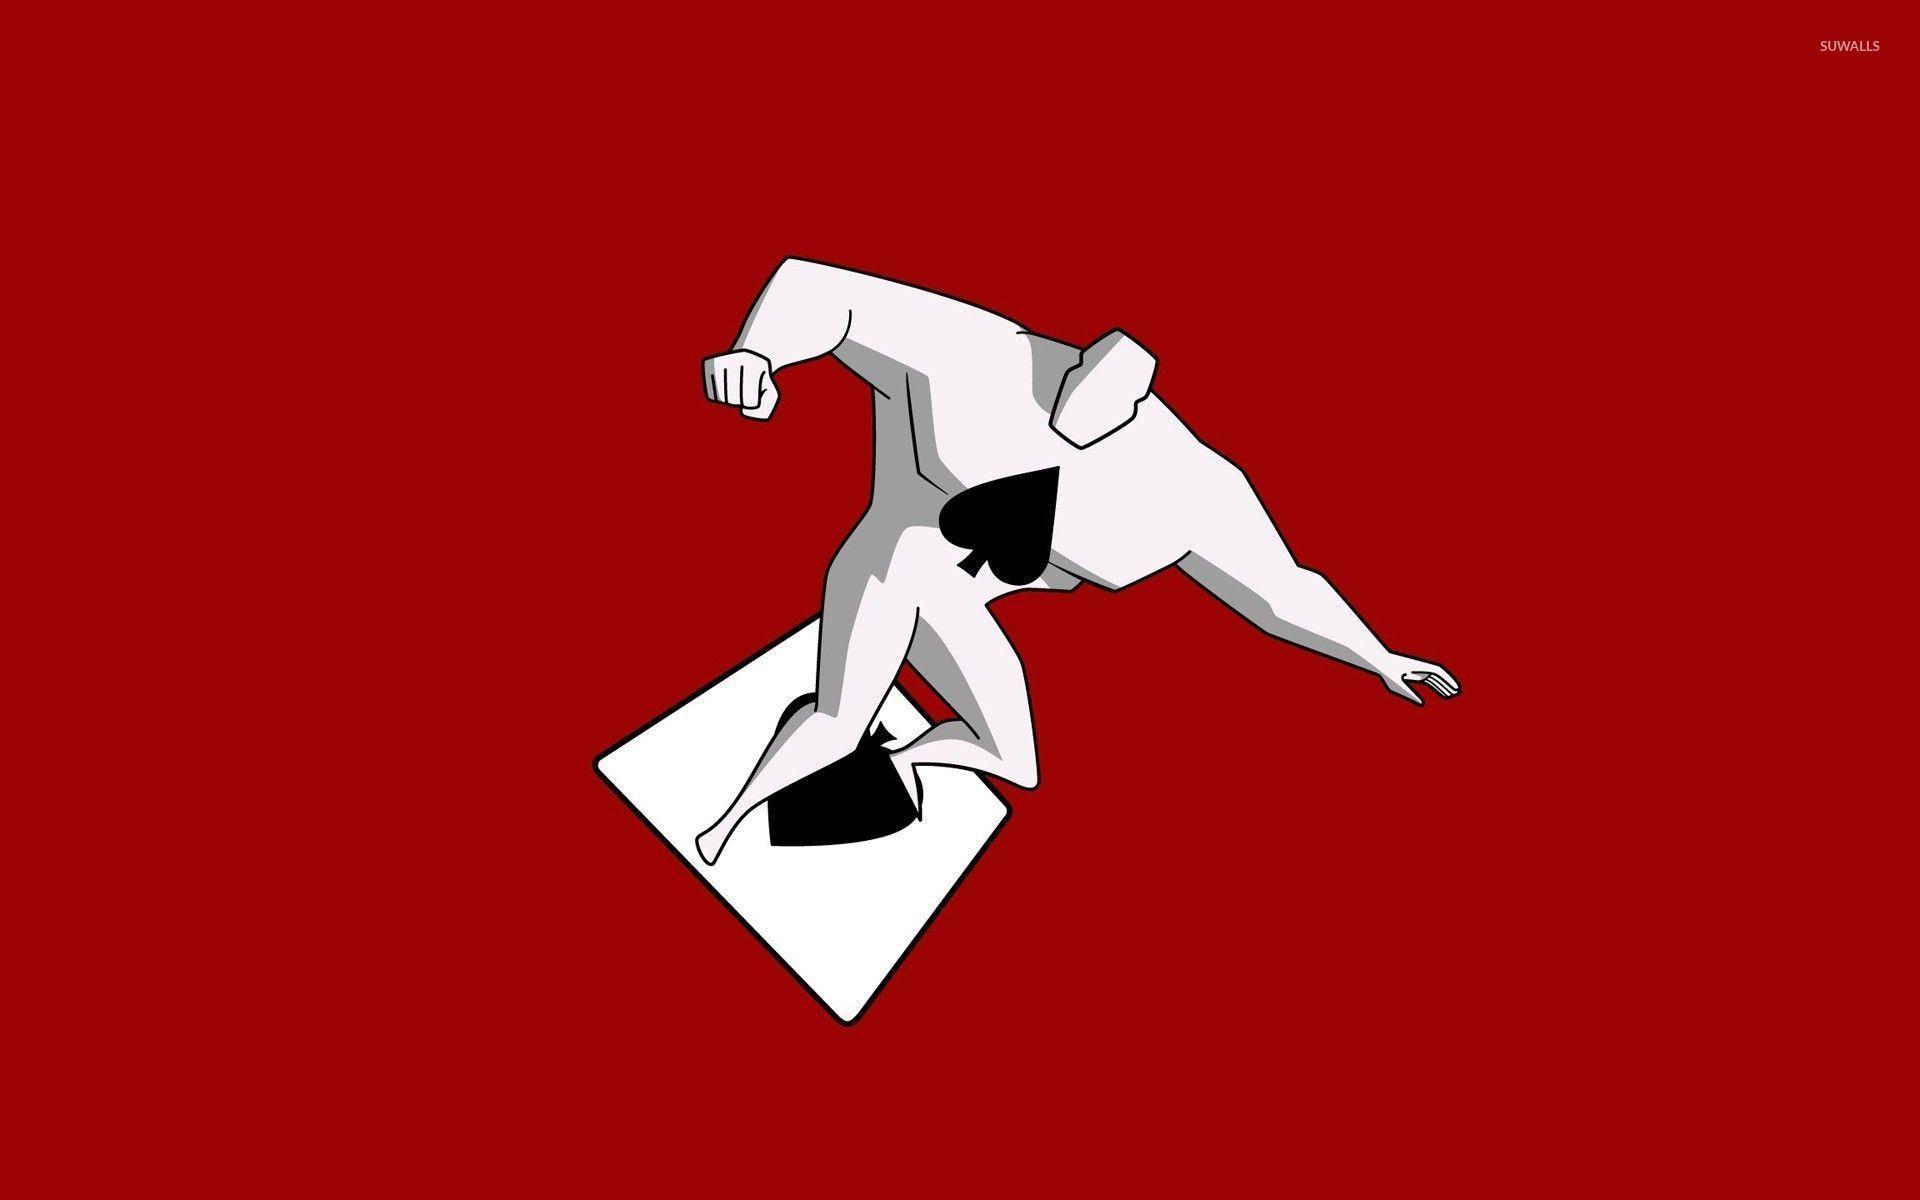 1920x1200 Ace - Hình nền Royal Flush Gang - Hình nền truyện tranh